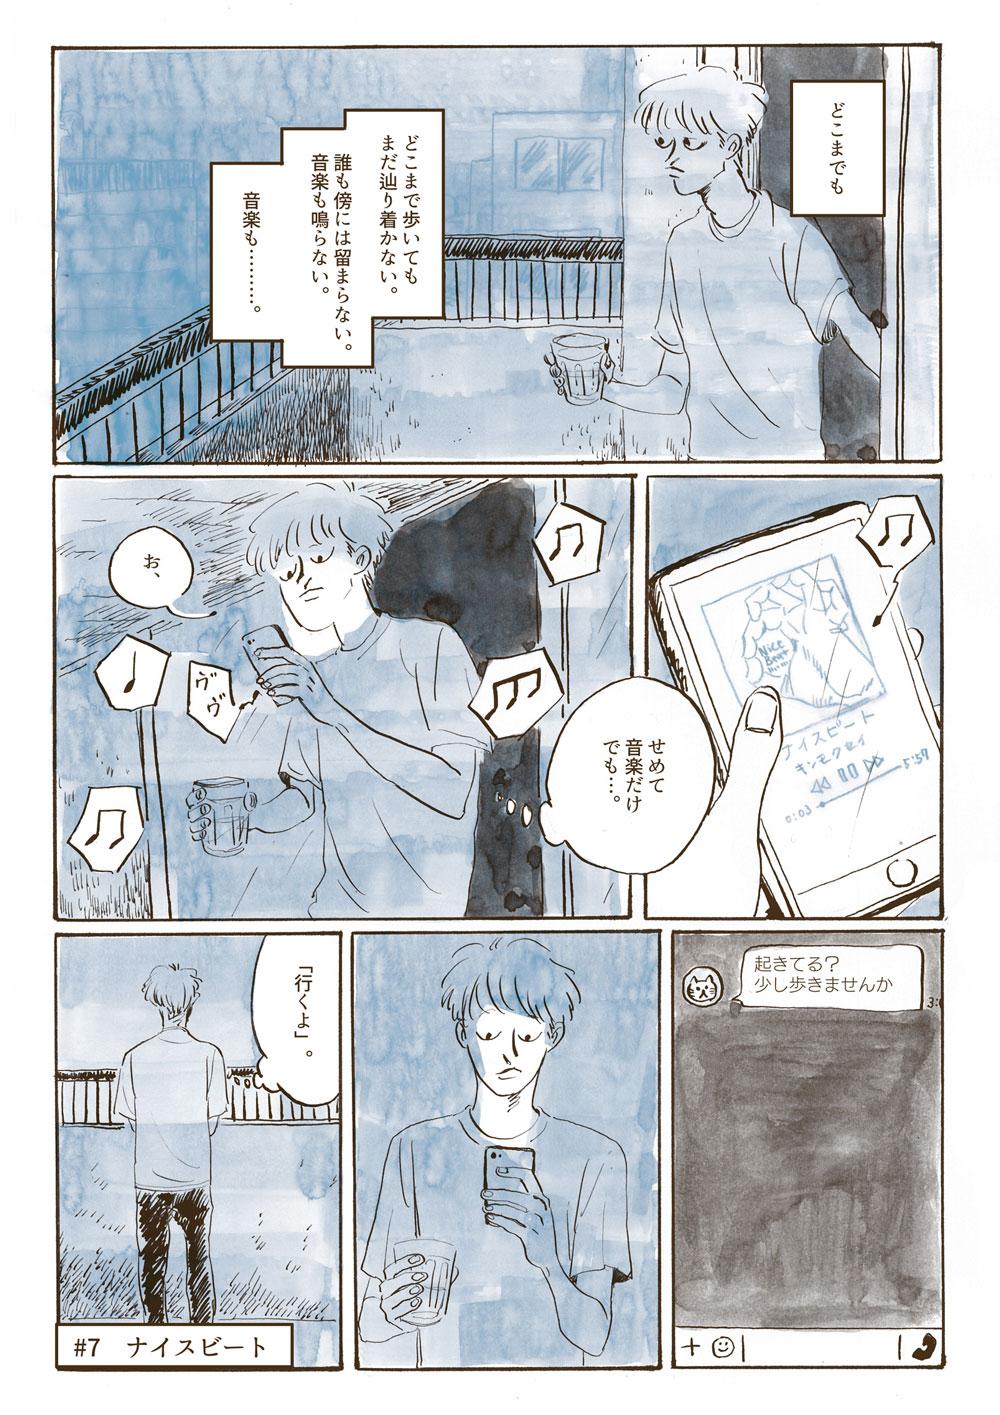 hasuda-yui-007-2